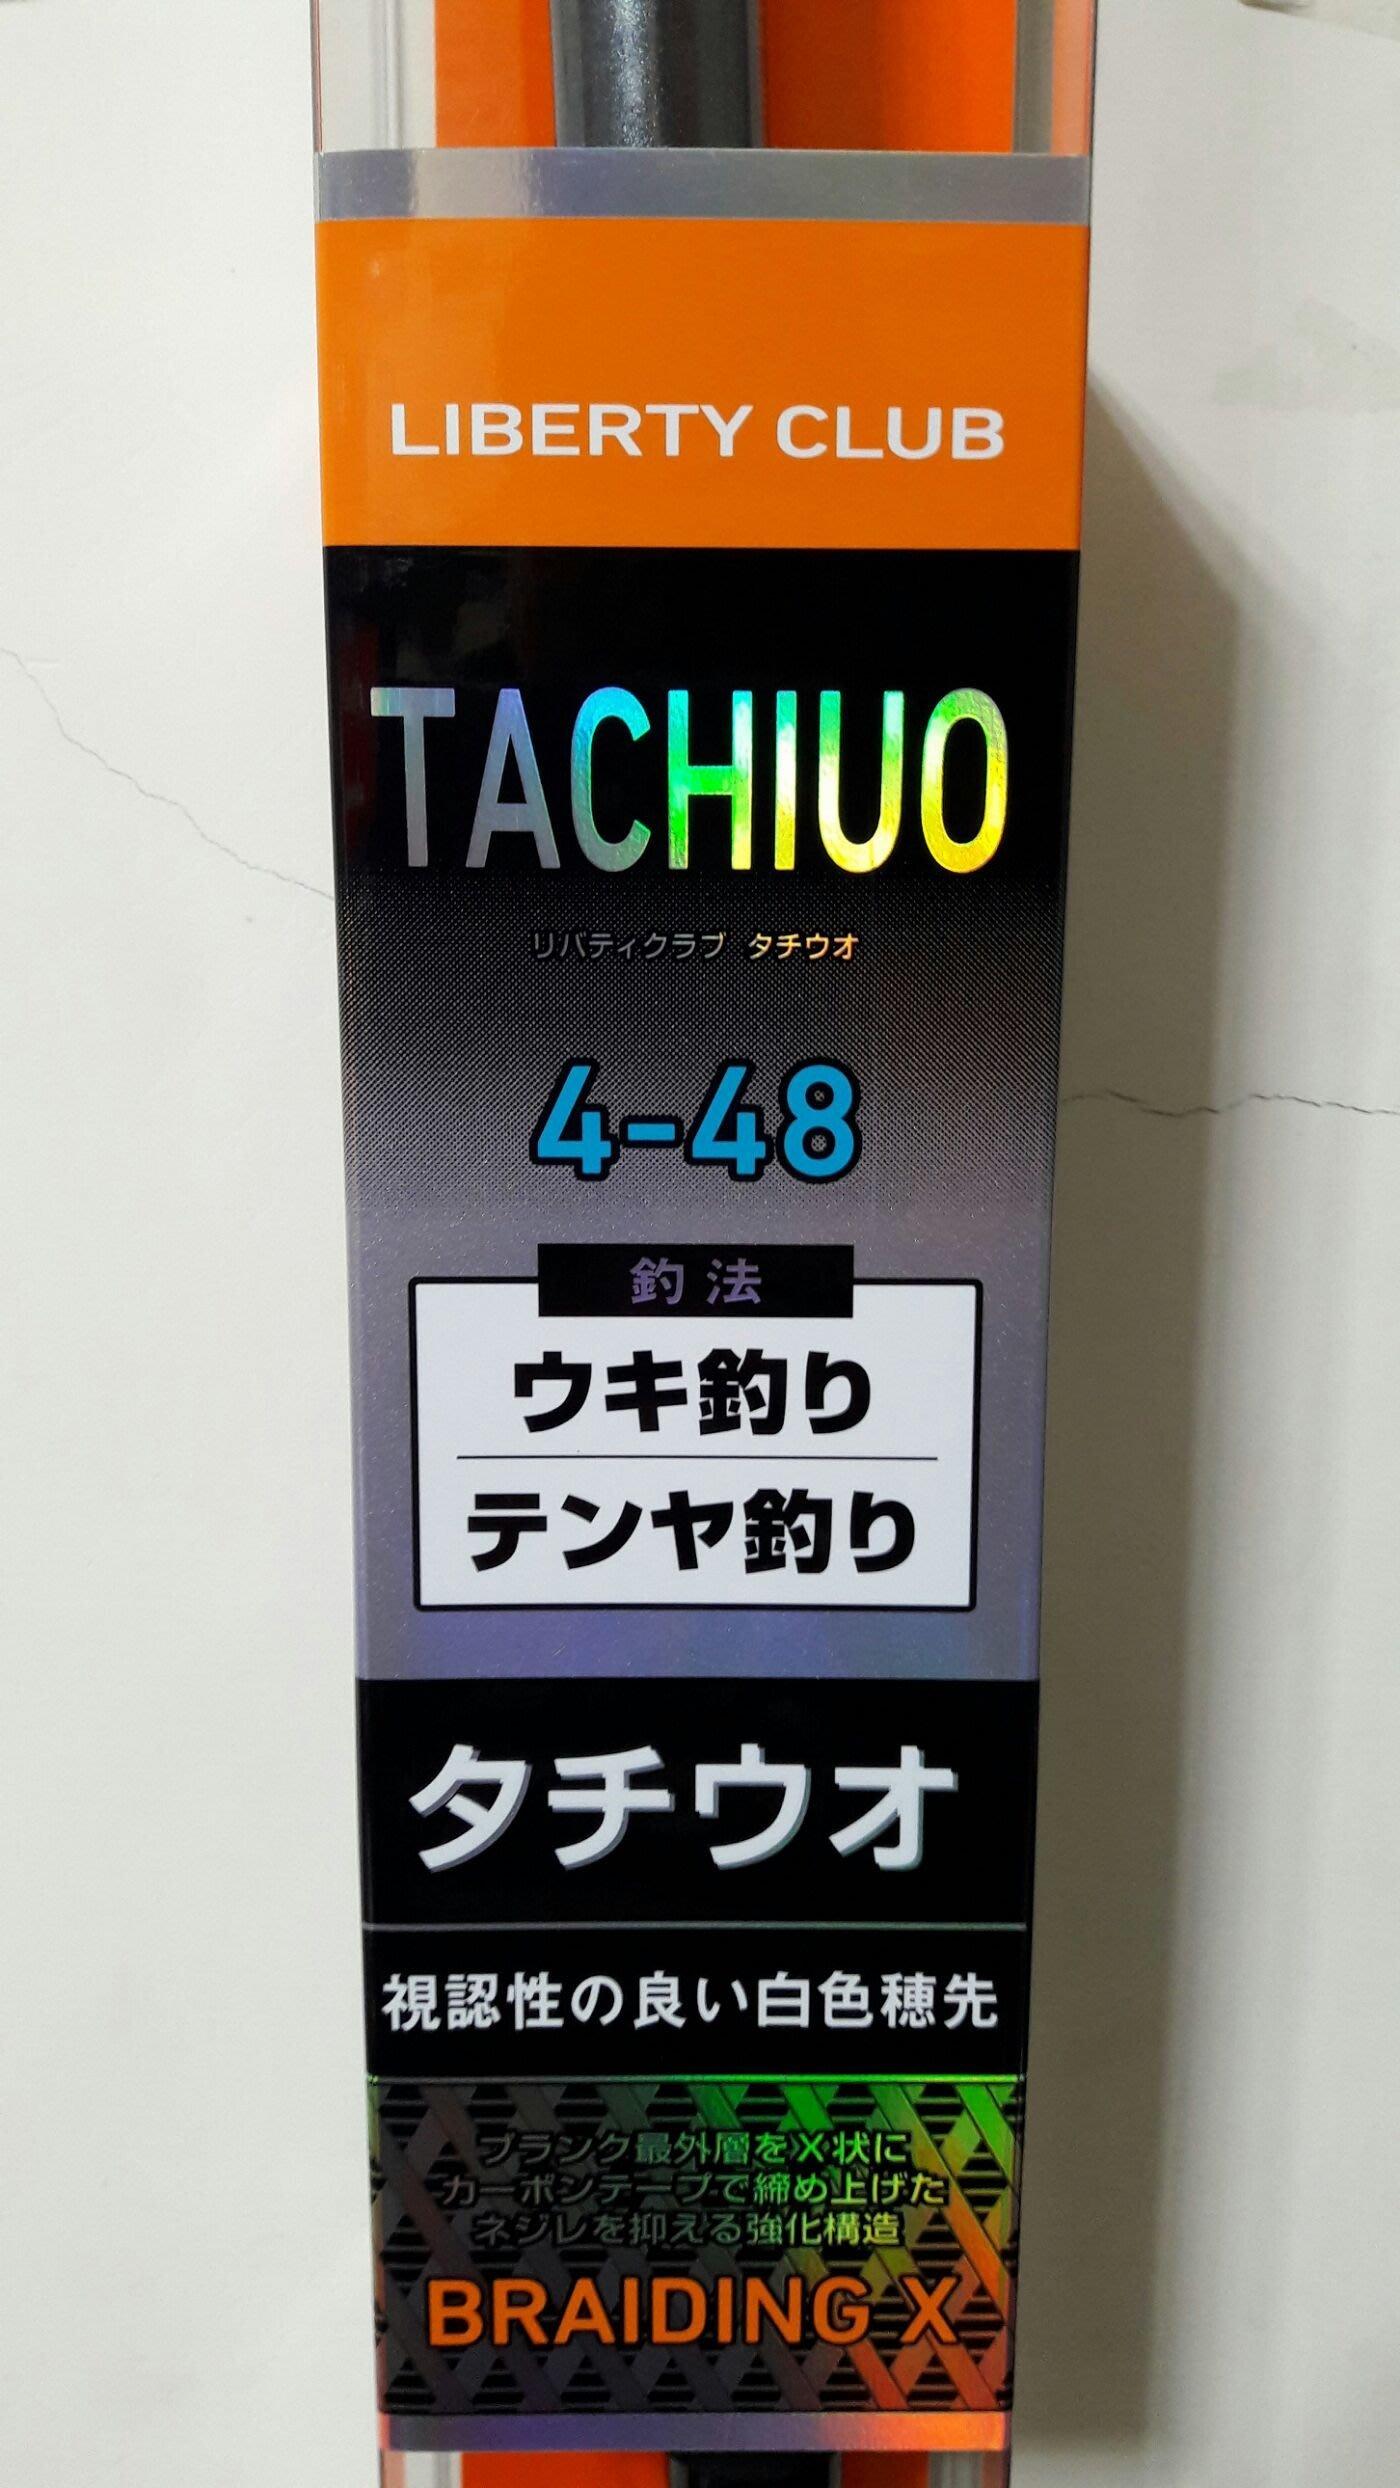 【欣の店】Daiwa 極鋭TACHIUO 振出投竿 4-48 4號16尺 遠投竿 沉底釣 夜釣白帶